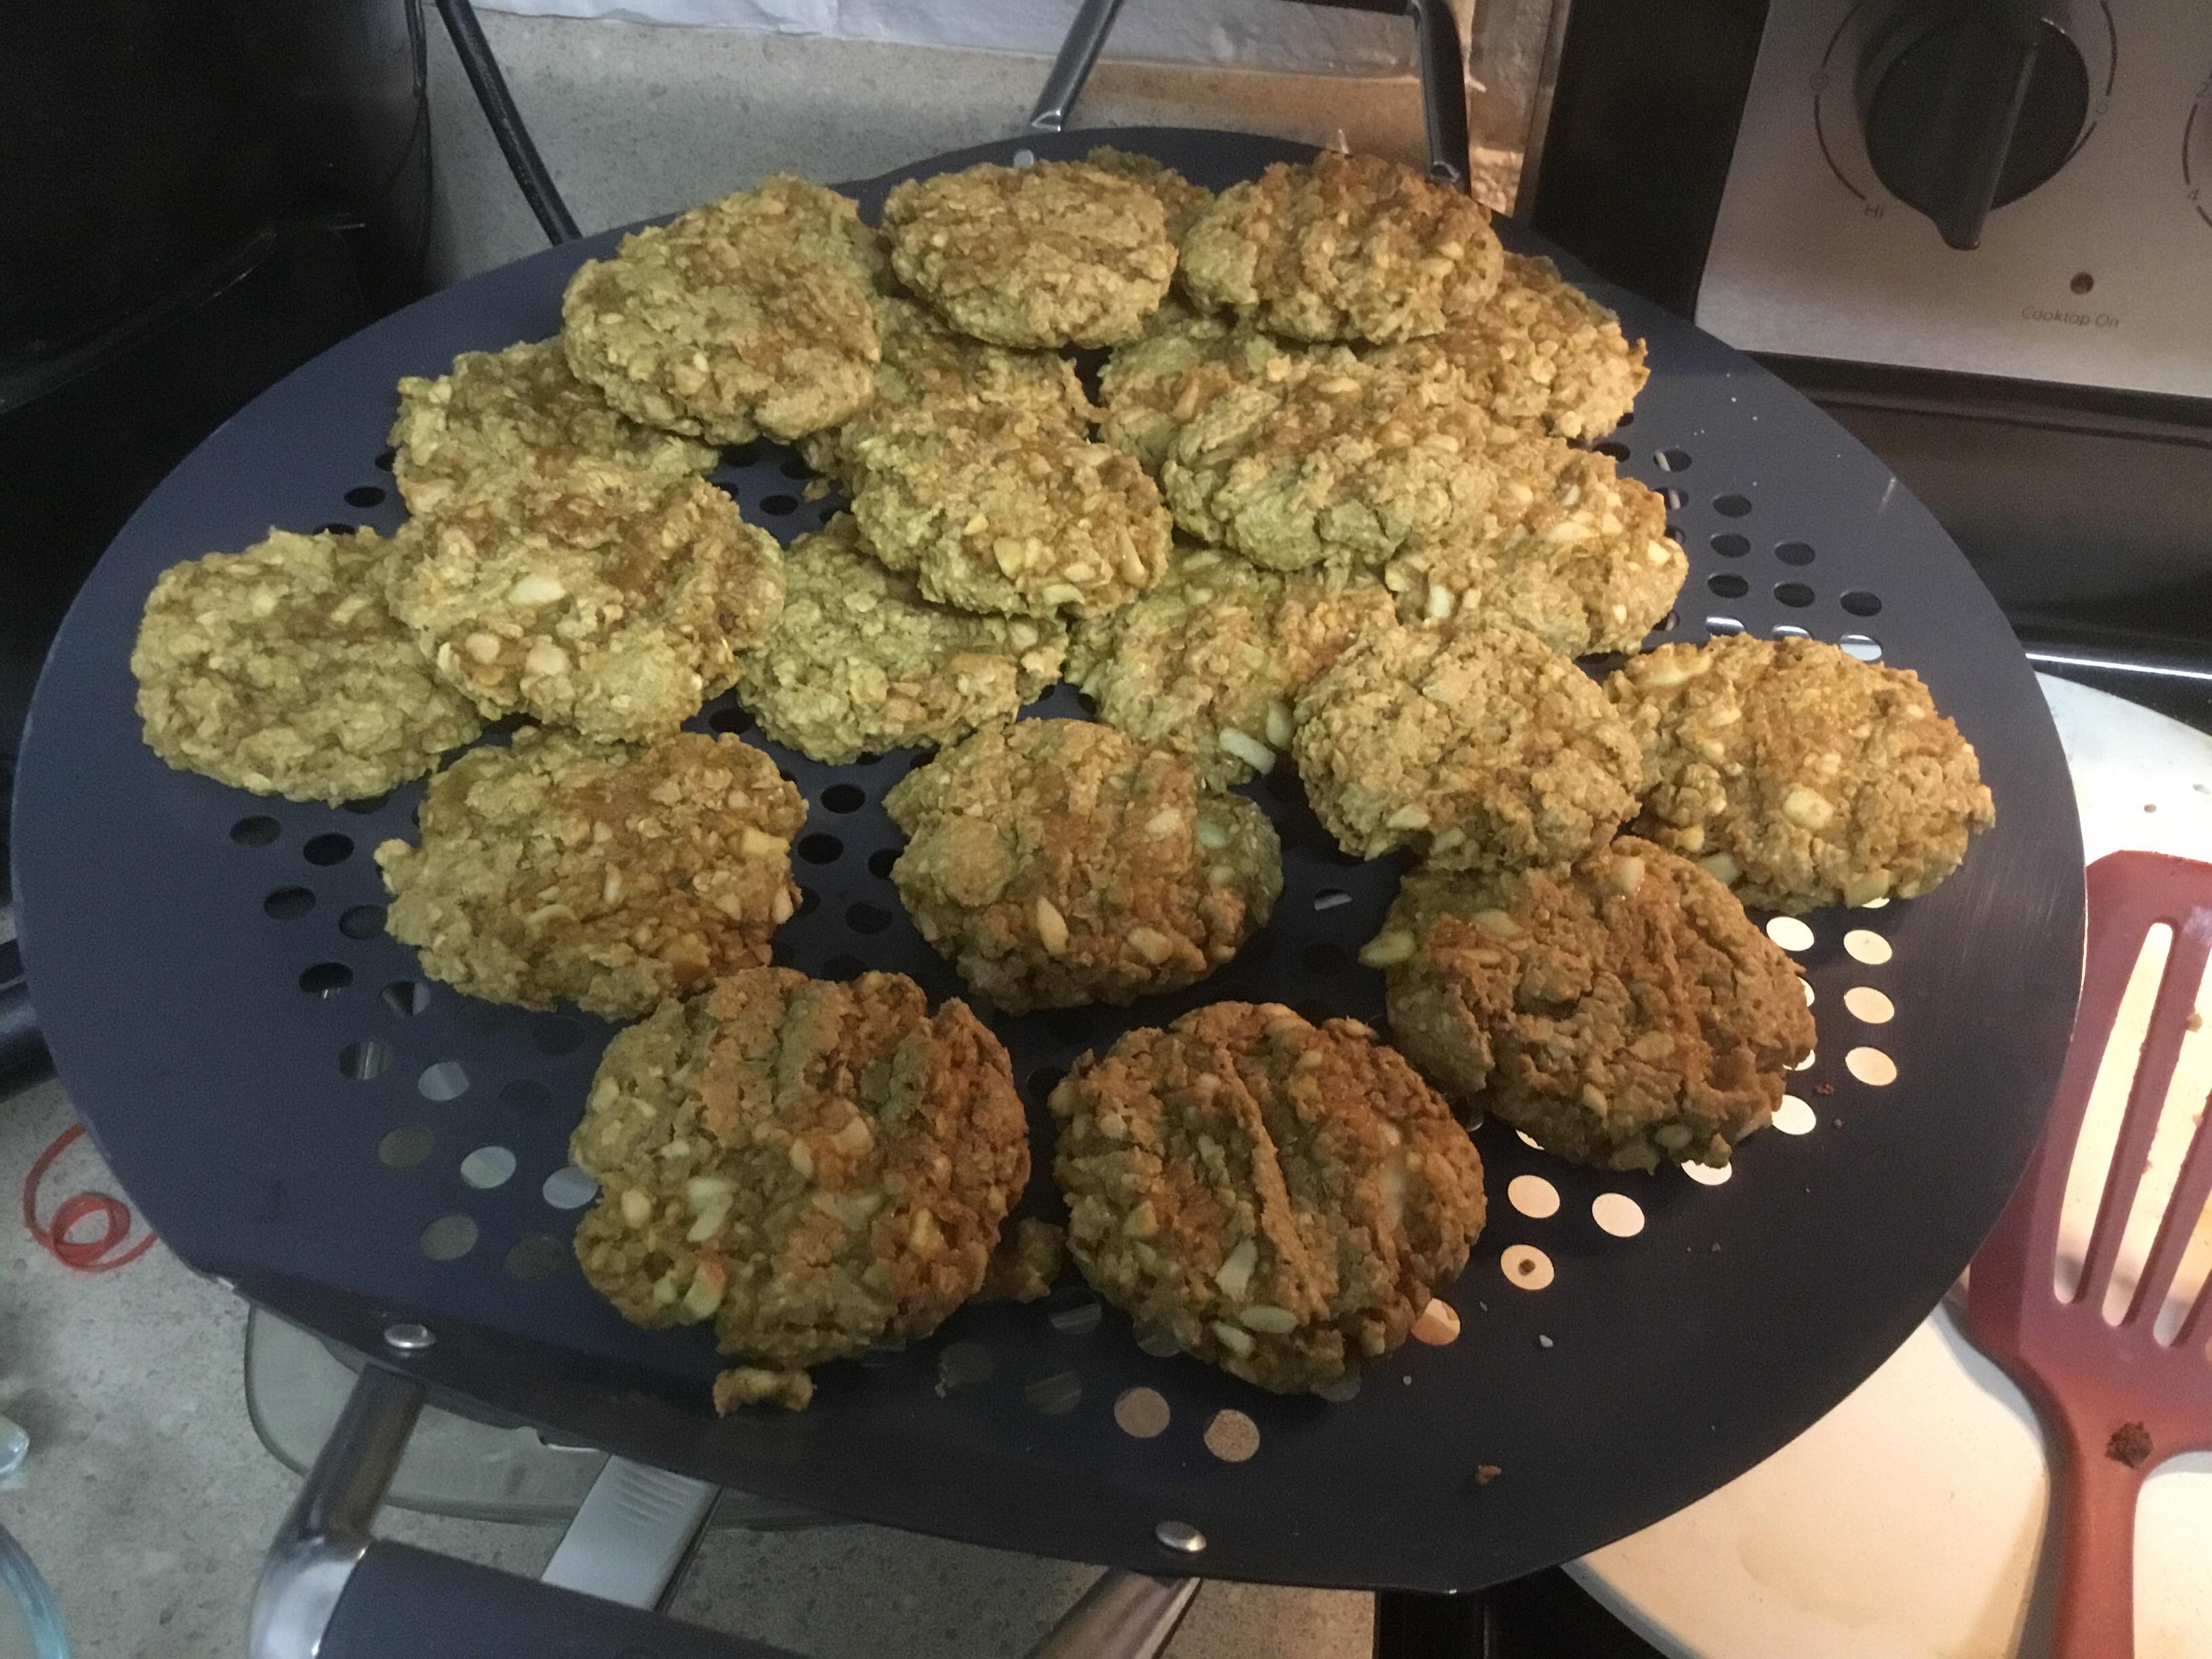 Apple Peanut Butter Oatmeal Cookies mscheller74